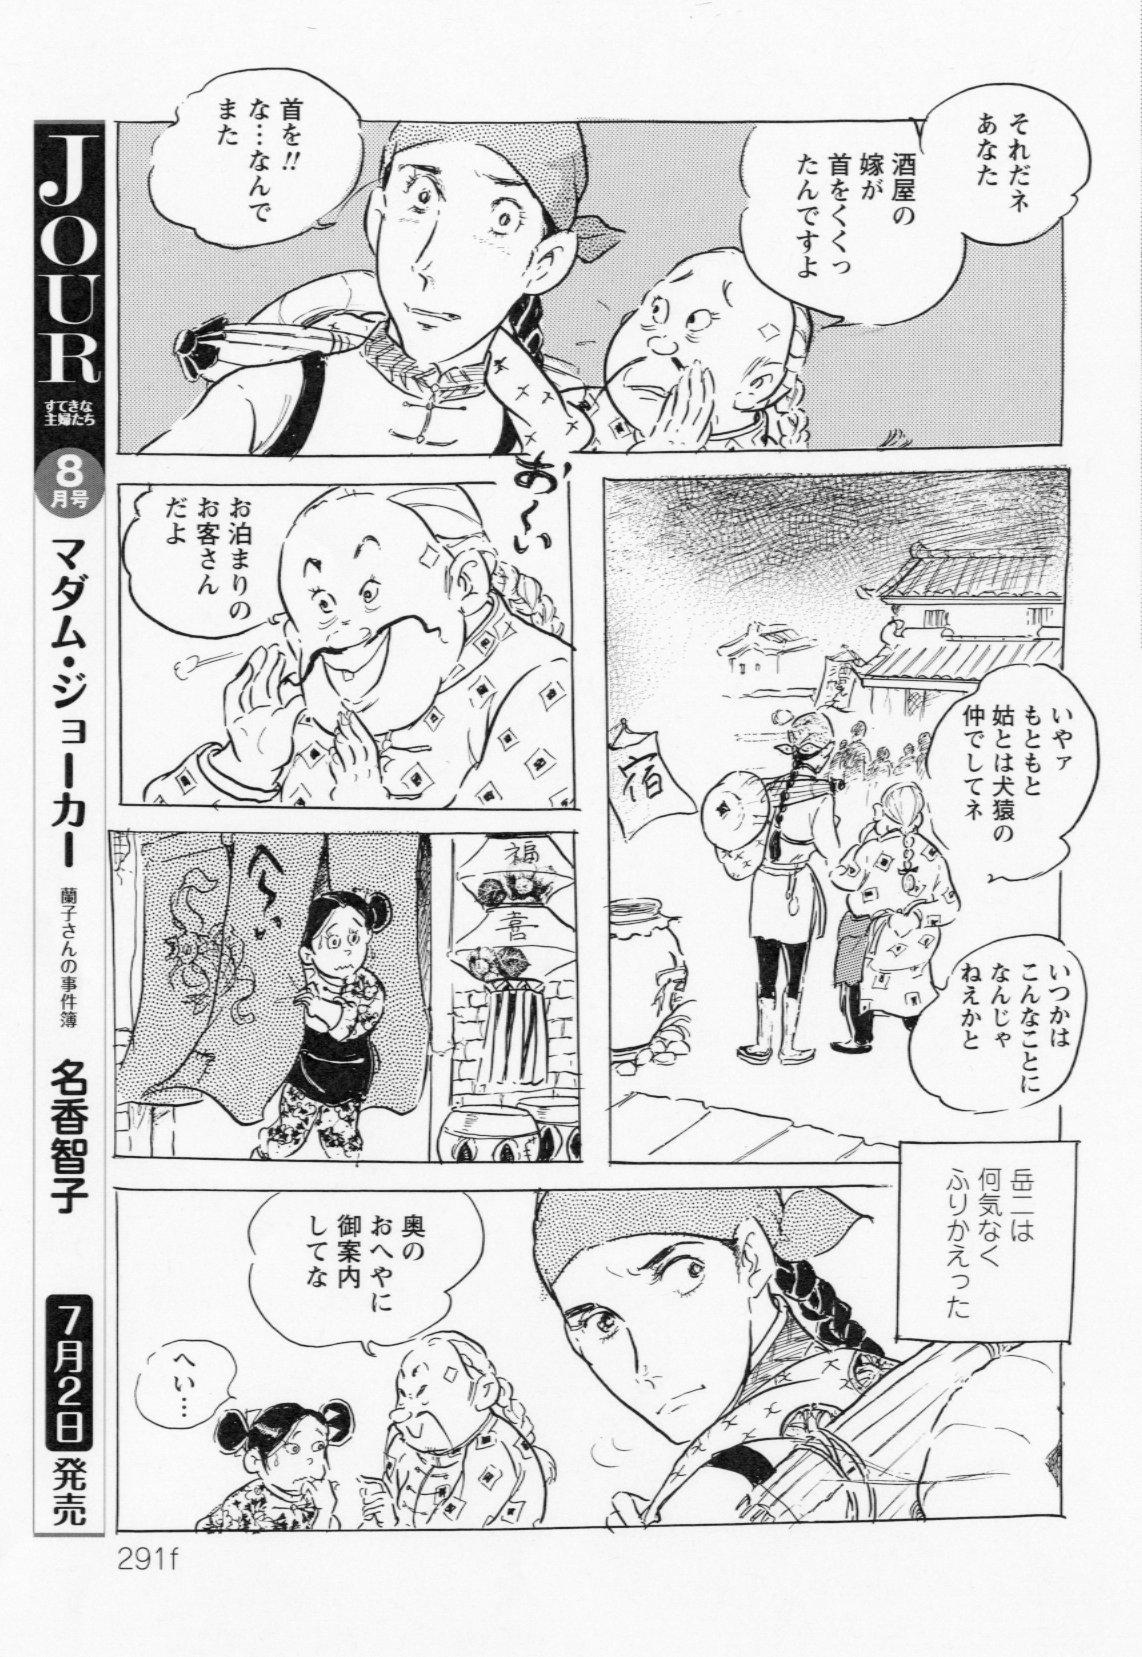 91歳の現役漫画家・わたなべまさこ氏による新連載『中国怪異譚 朱い紐』開幕!の画像001